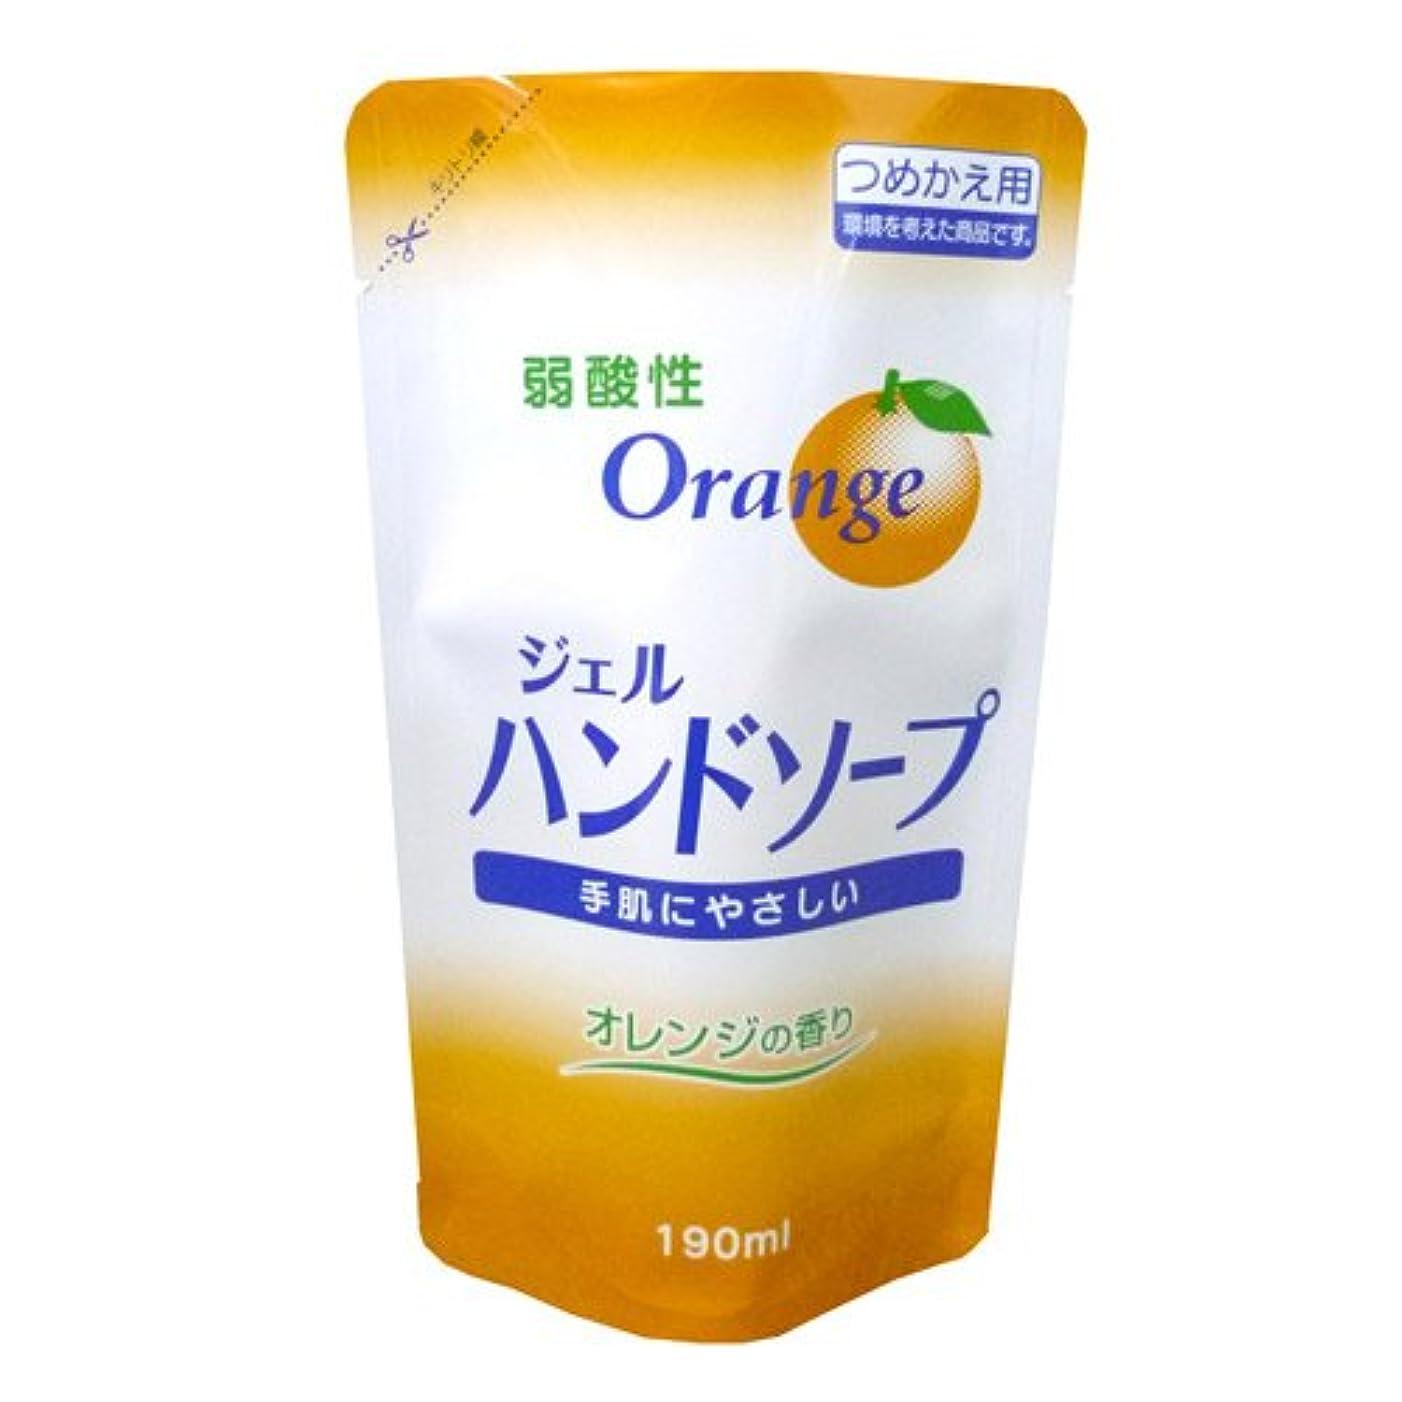 閲覧する欠如割る弱酸性ジェルハンドソープ 詰替用 190ml